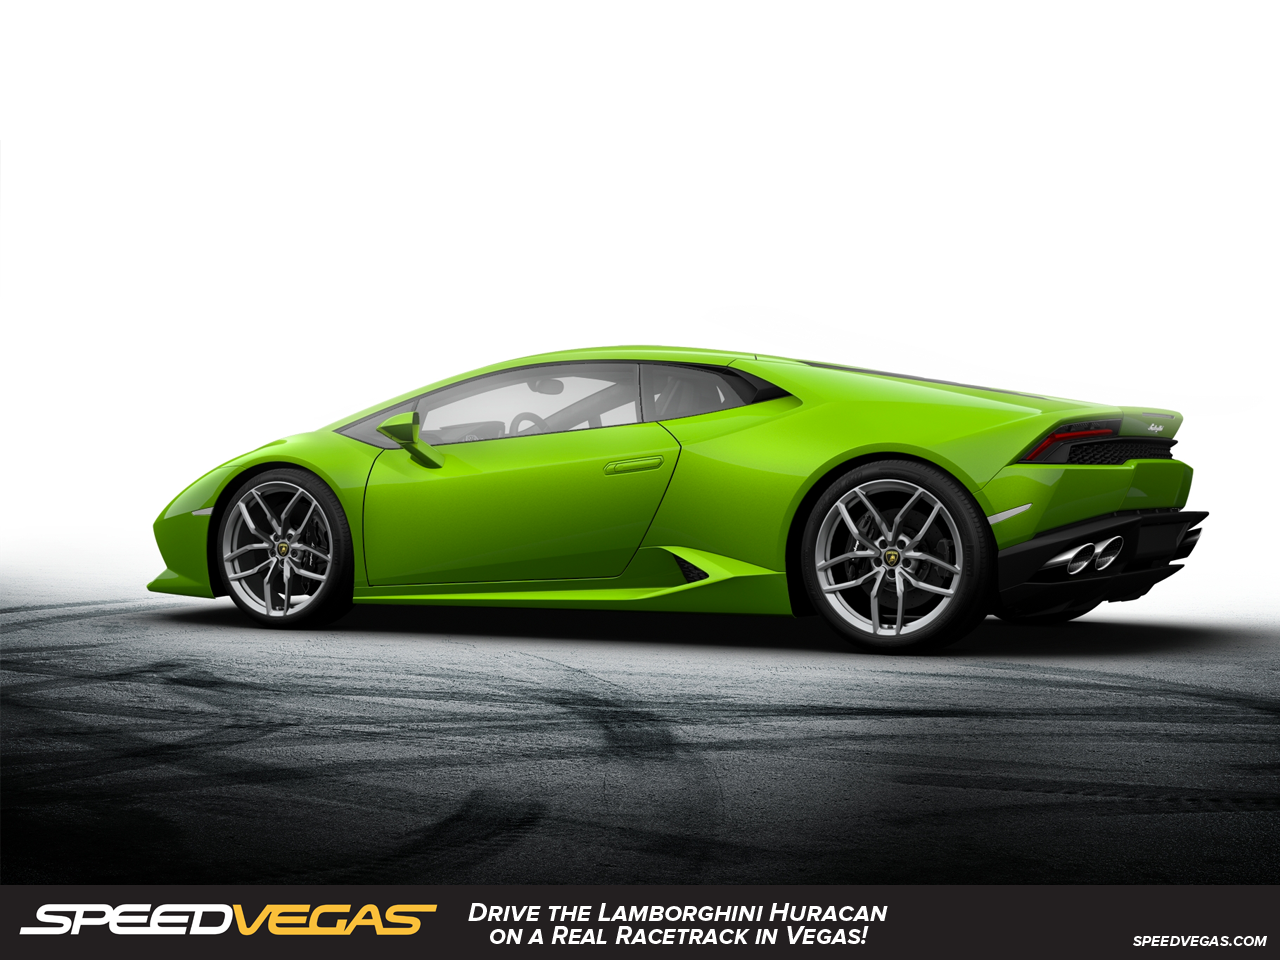 A Galeria Da Lamborghini Huracán. Lamborghini Huracan Interior Green  Lamborghini Huracan Side View ...